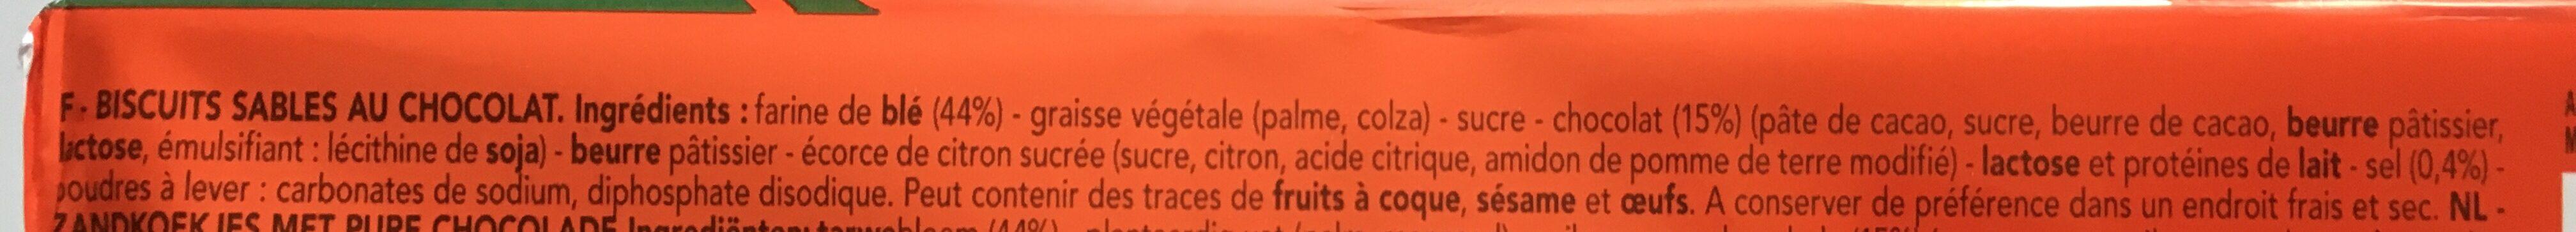 DELACRE le Spirits Noir 200 g - Ingrédients - fr